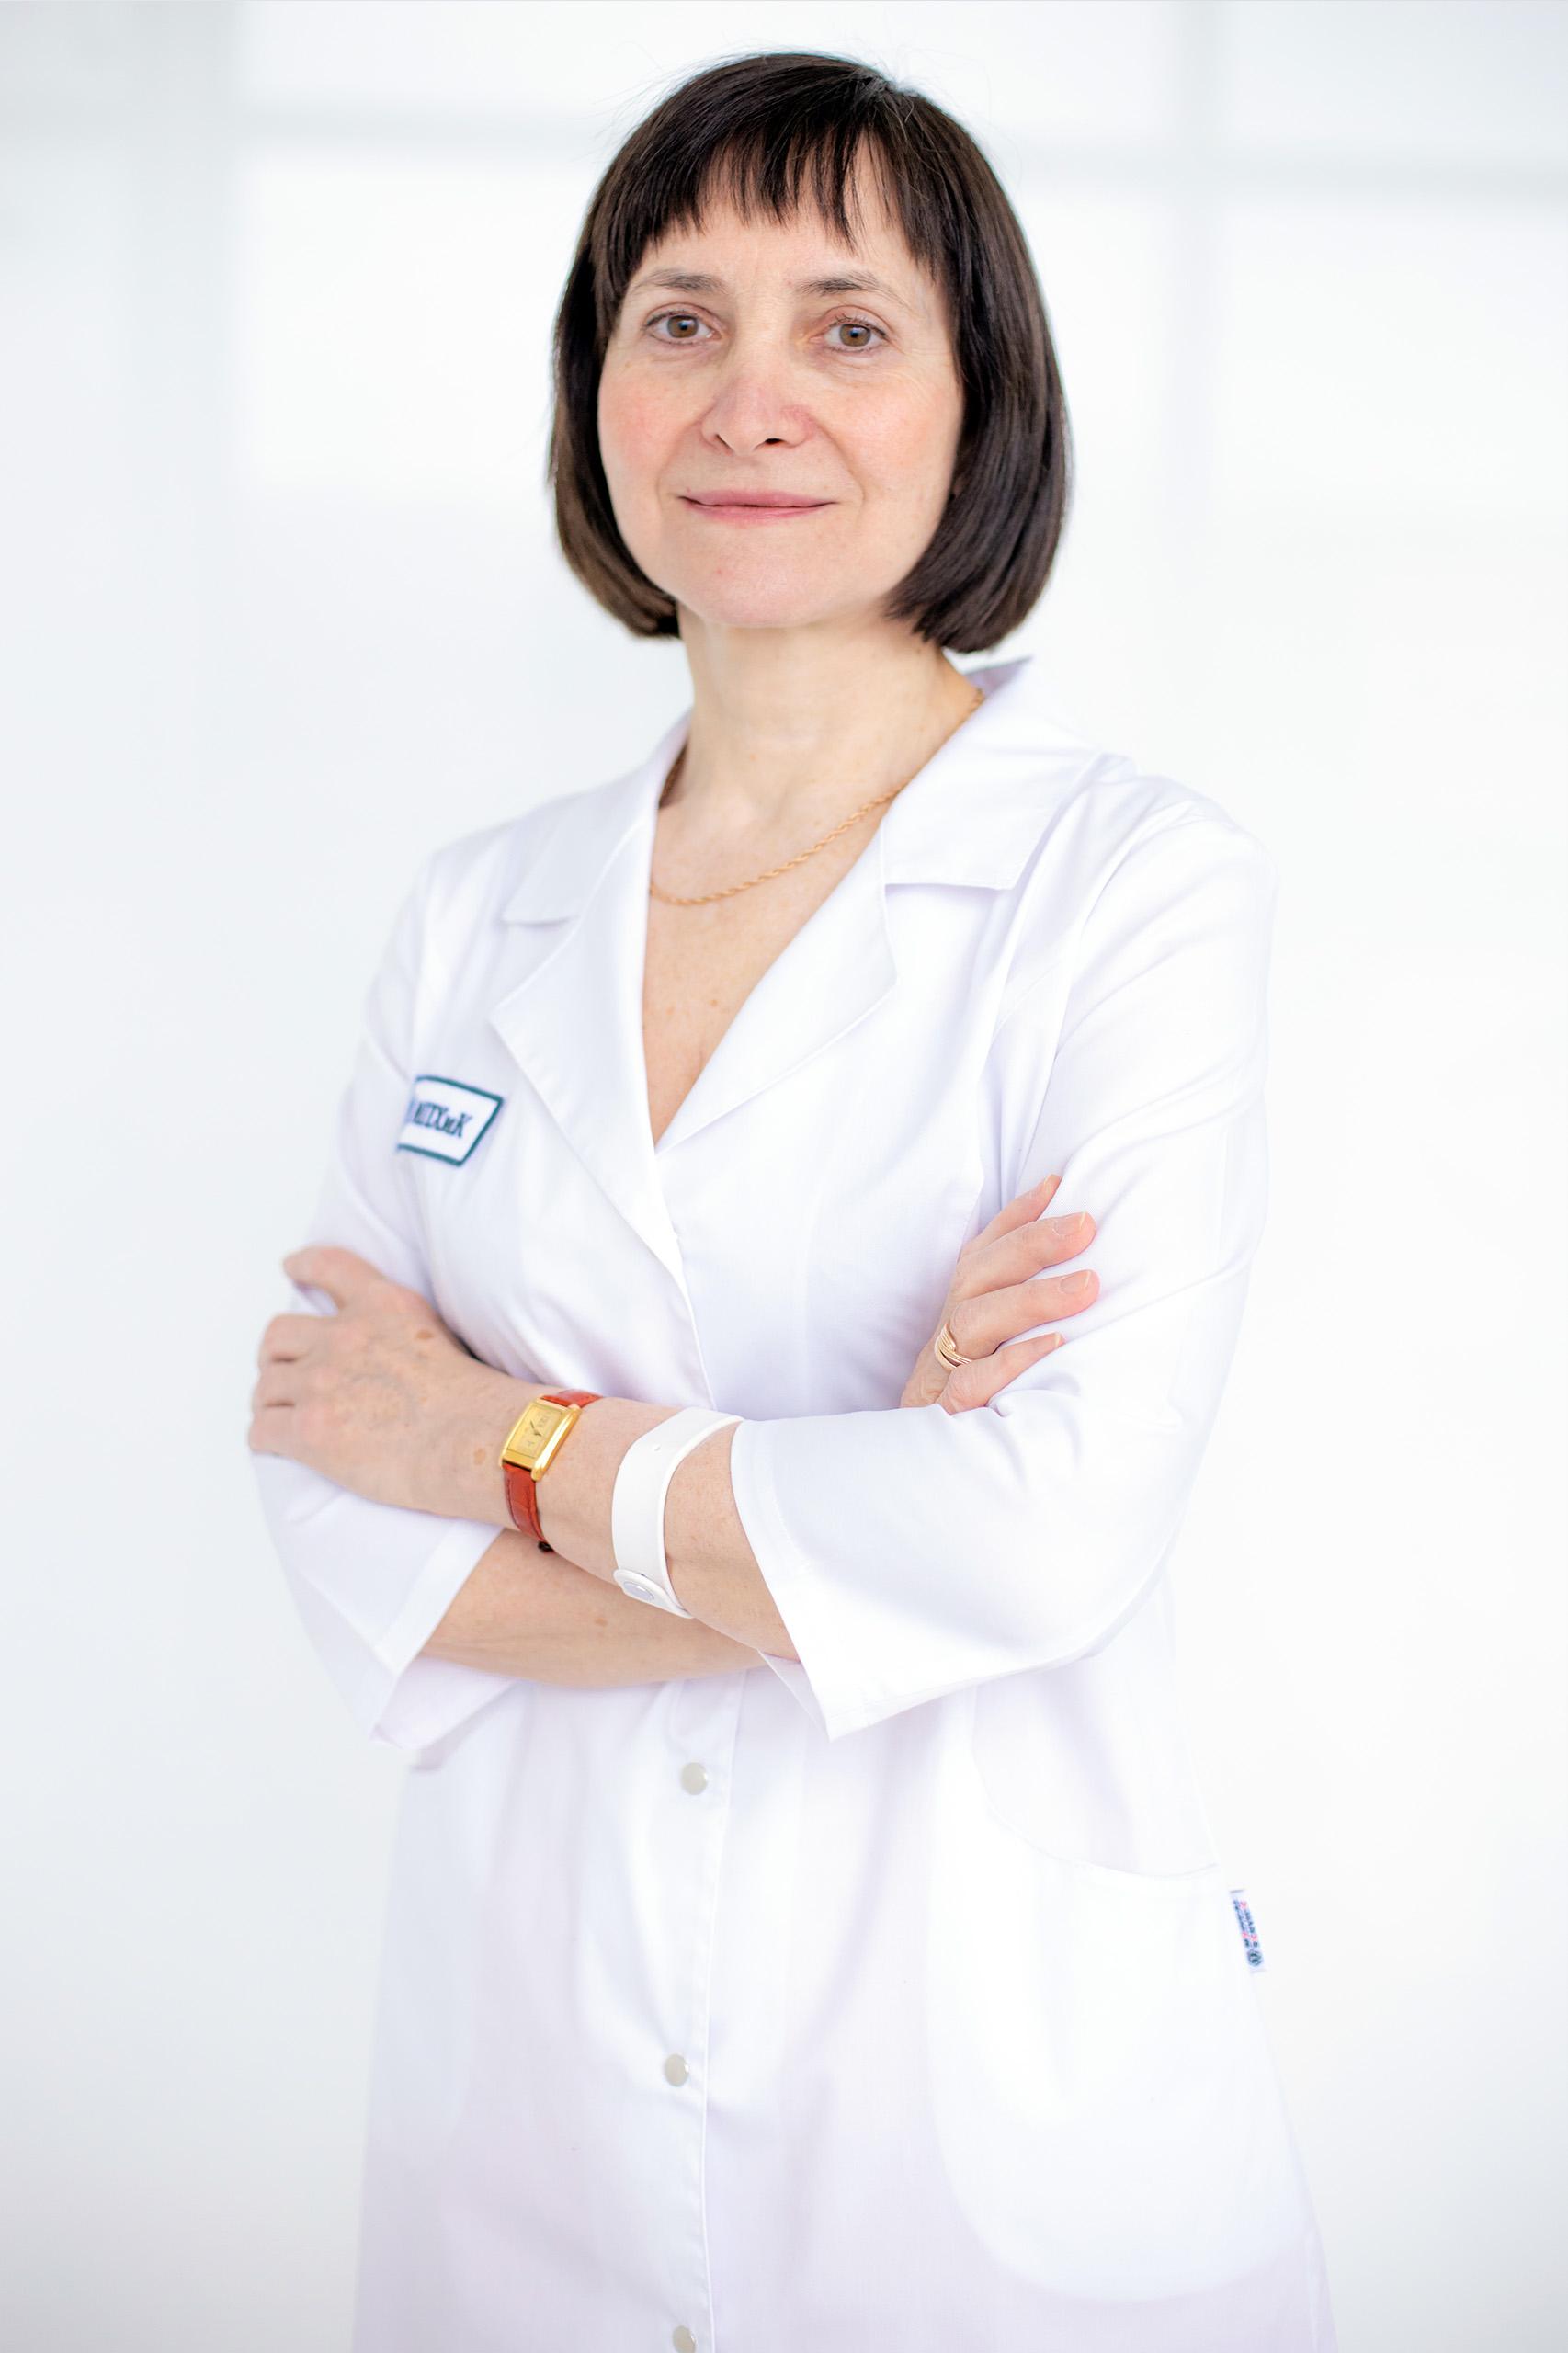 Ястребцова Ирина Викторовна